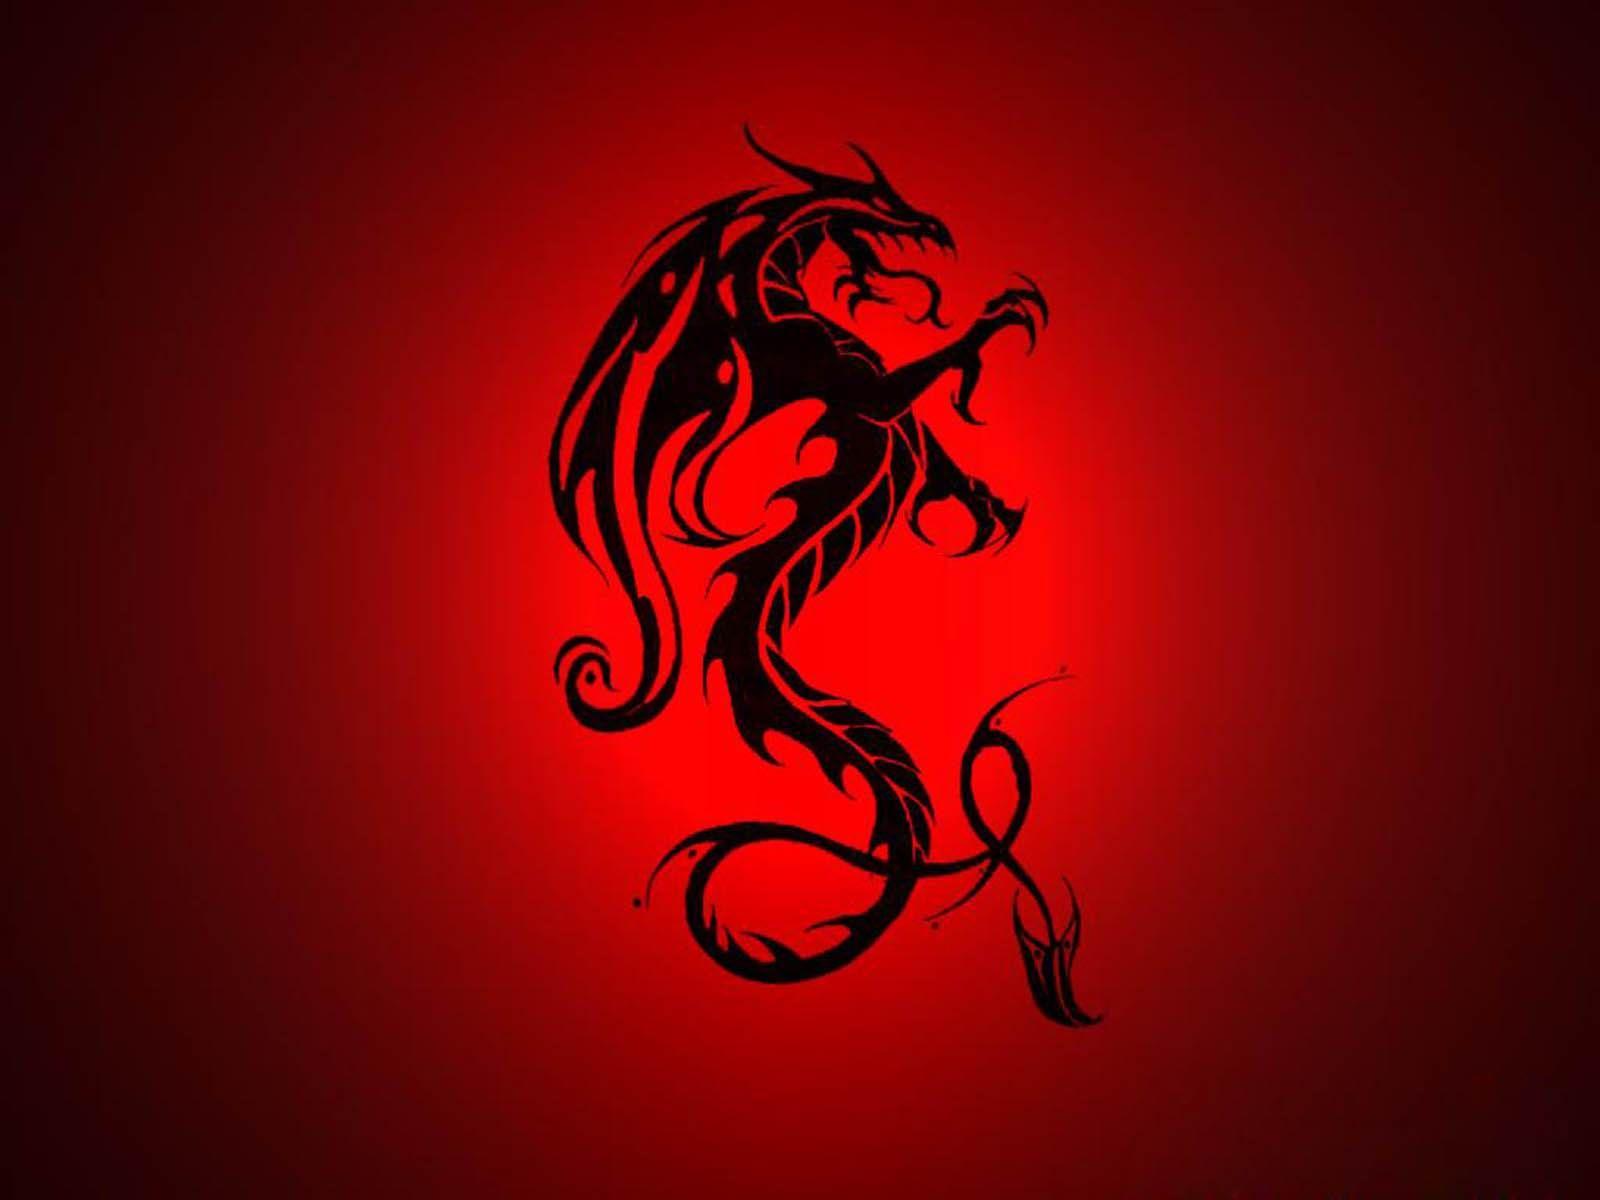 сайте картинка красного дракона на черном фоне самом деле исторических